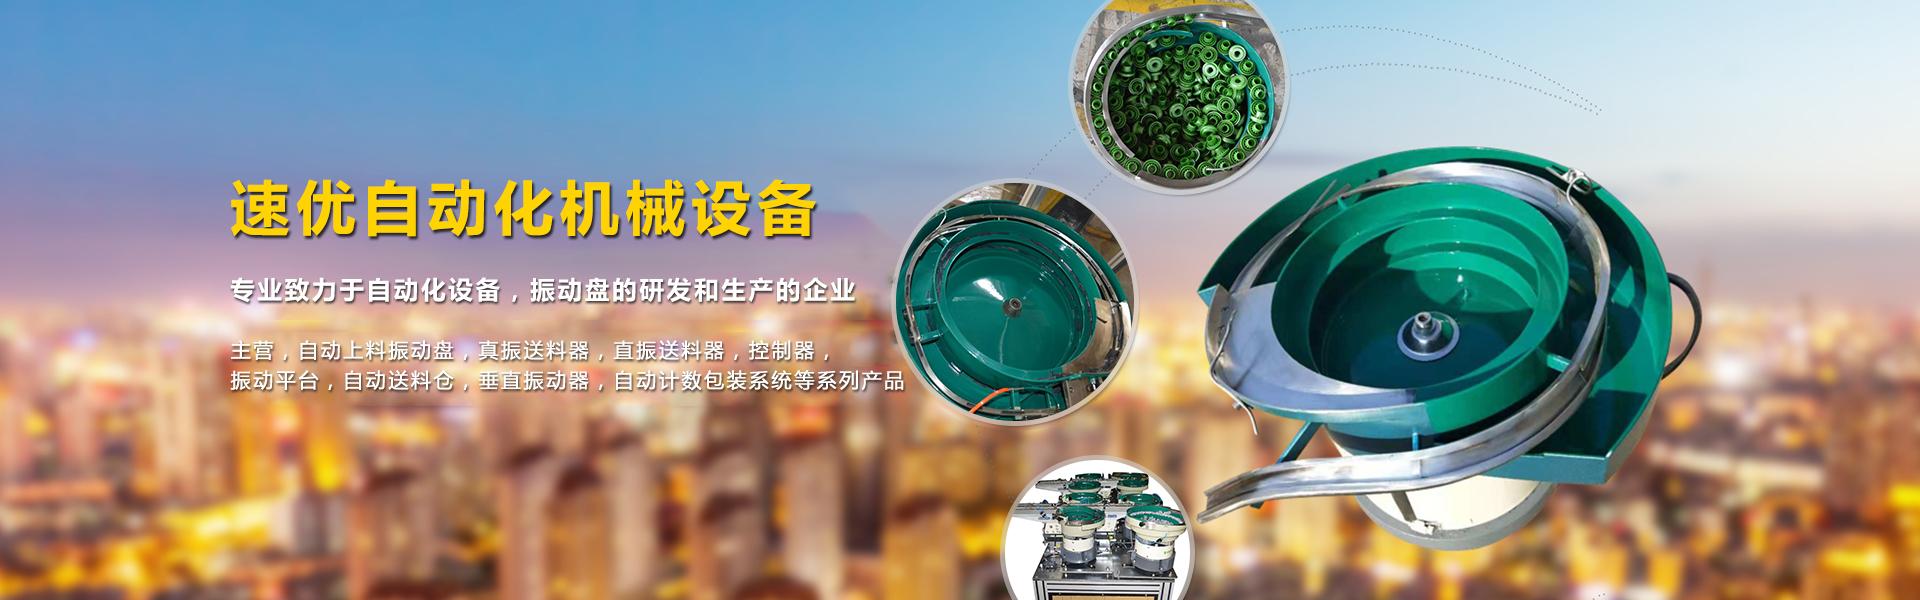 沈阳市速优自动化机械设备有限公司